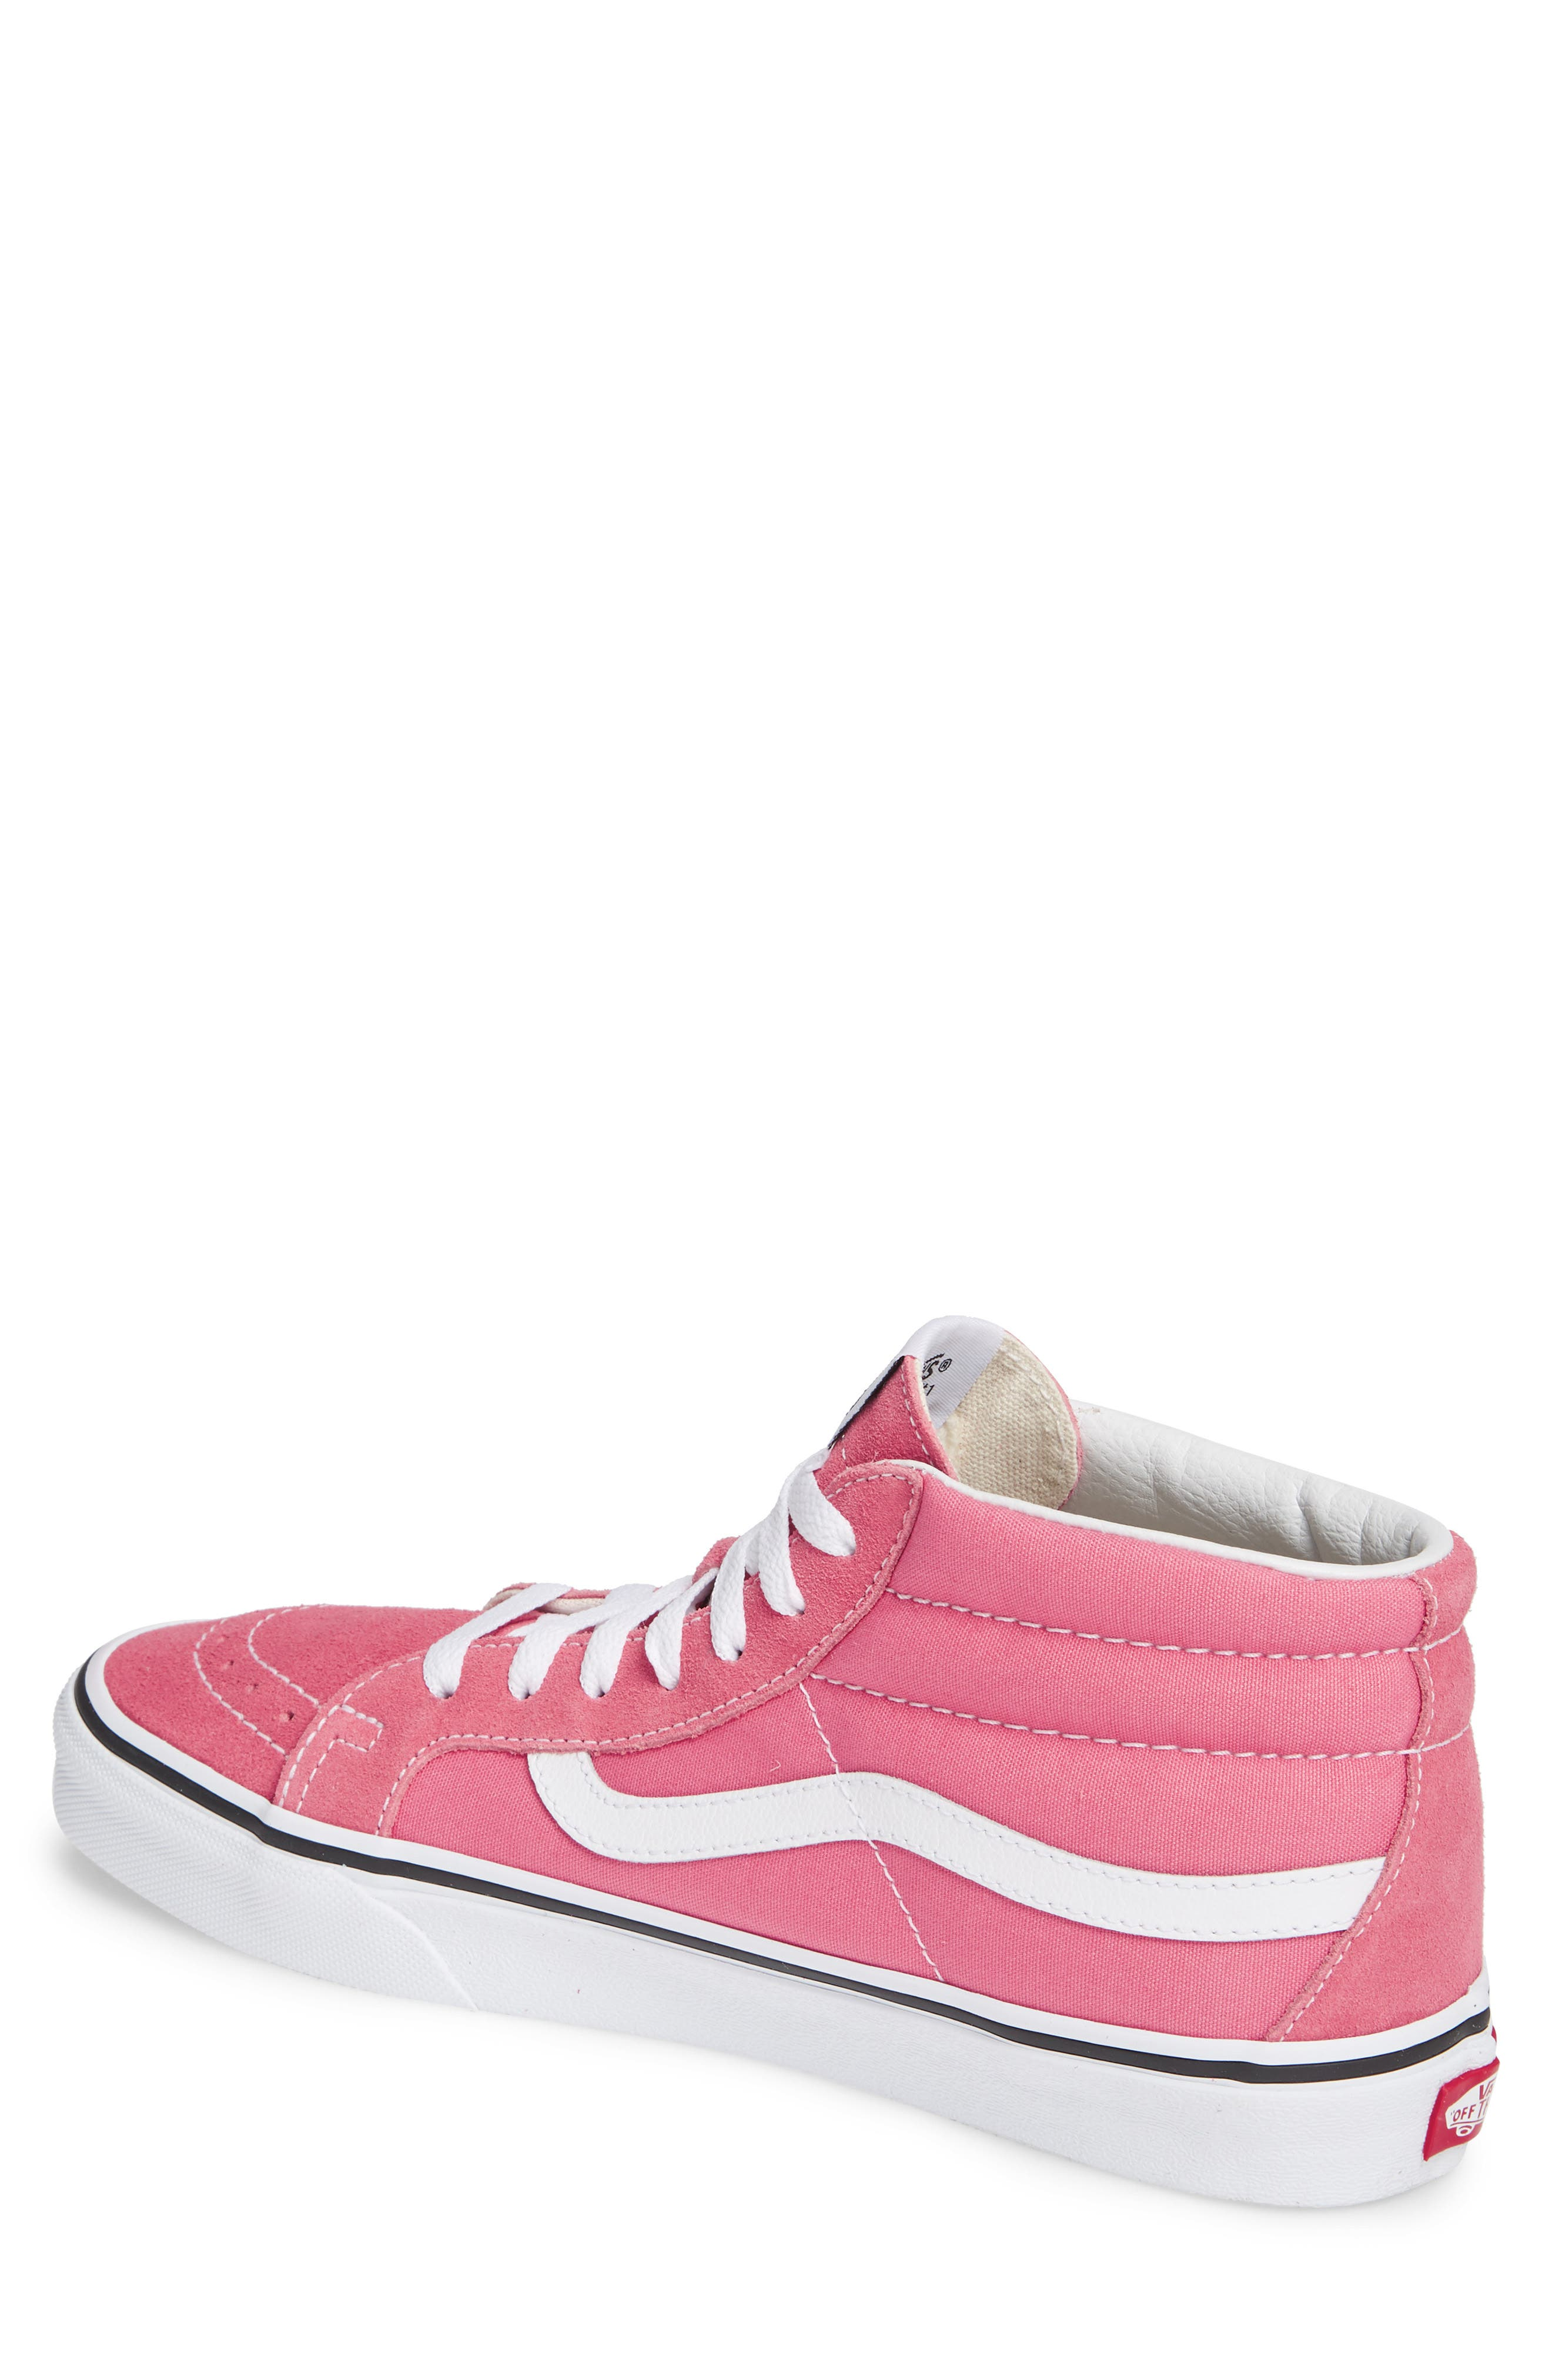 VANS,                             Sk8-Mid Reissue Sneaker,                             Alternate thumbnail 2, color,                             660